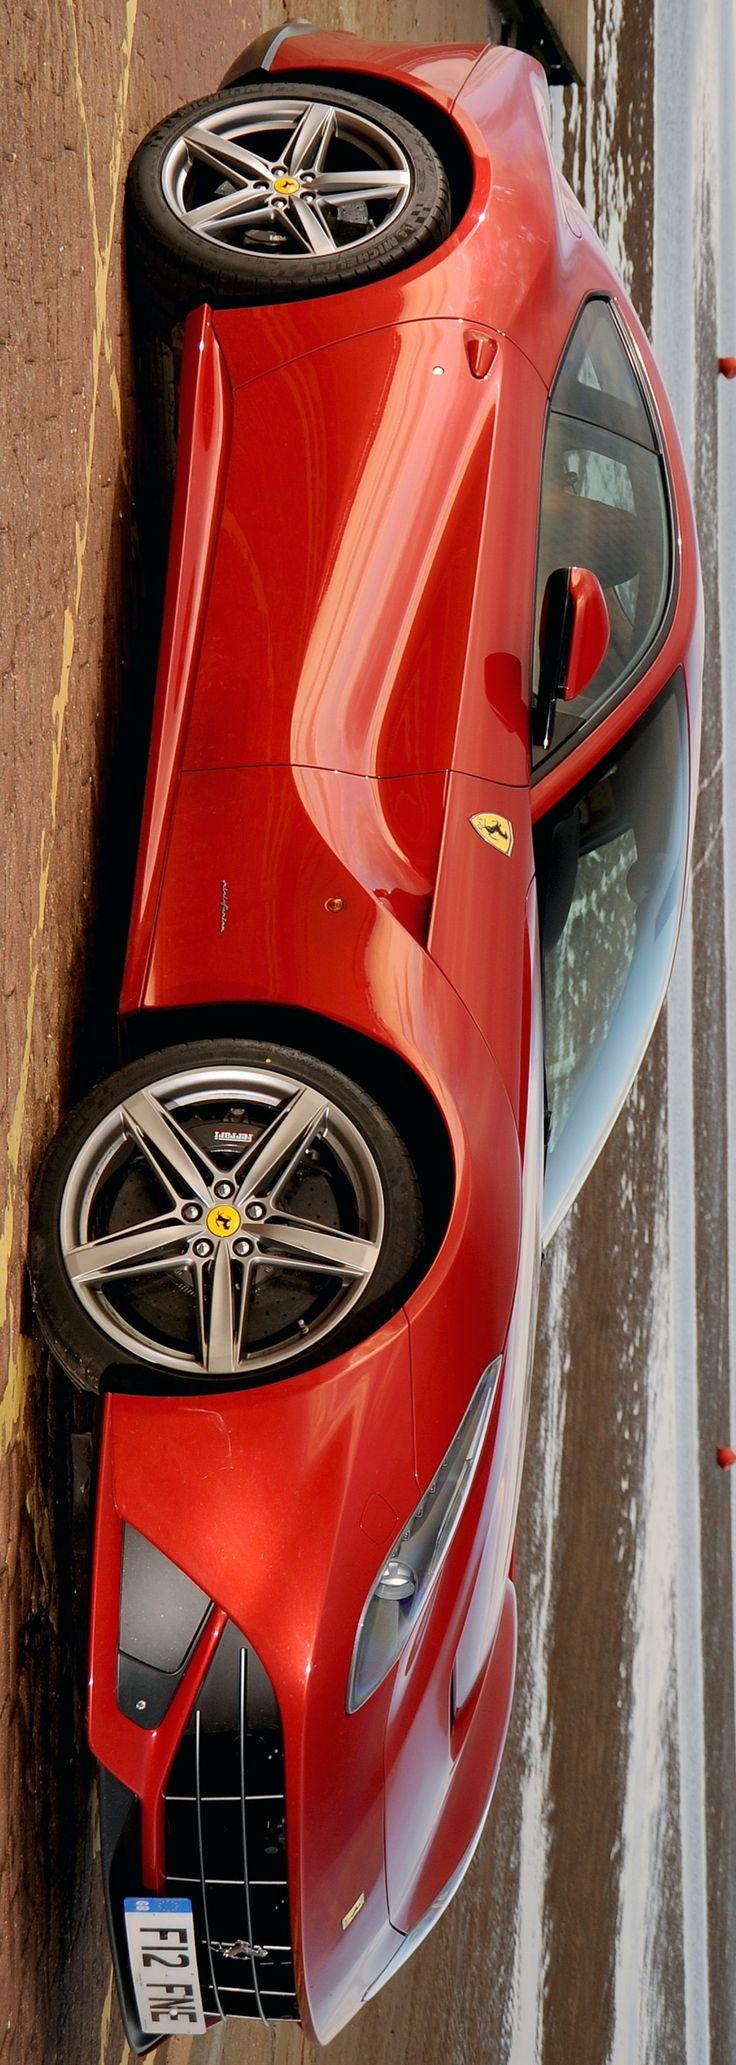 Ferrari F12 Berlinetta Pinifarina by Levon